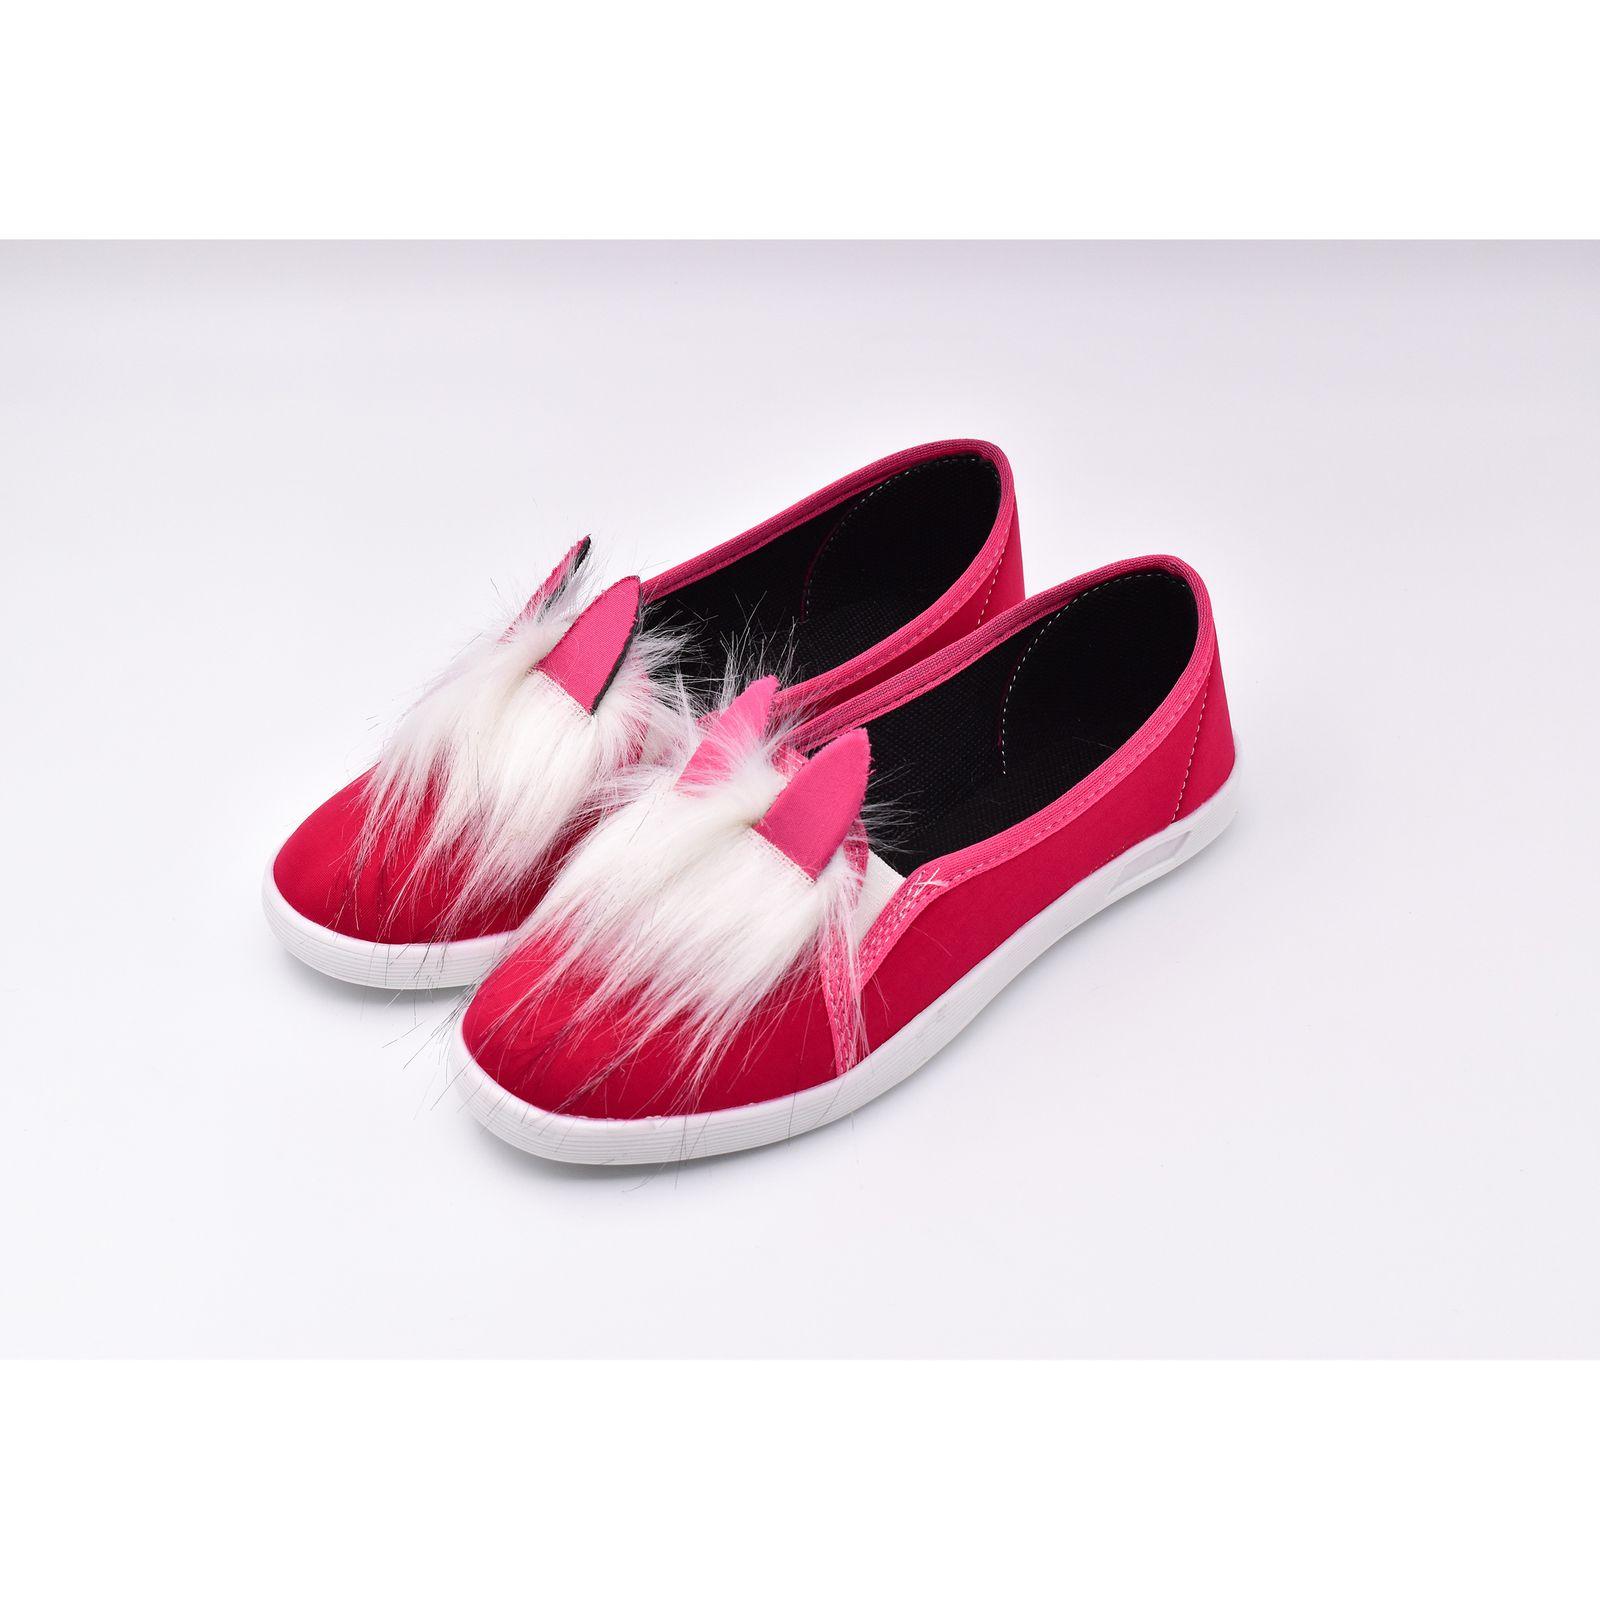 کفش دخترانه مدل فانو کد 6943 -  - 2